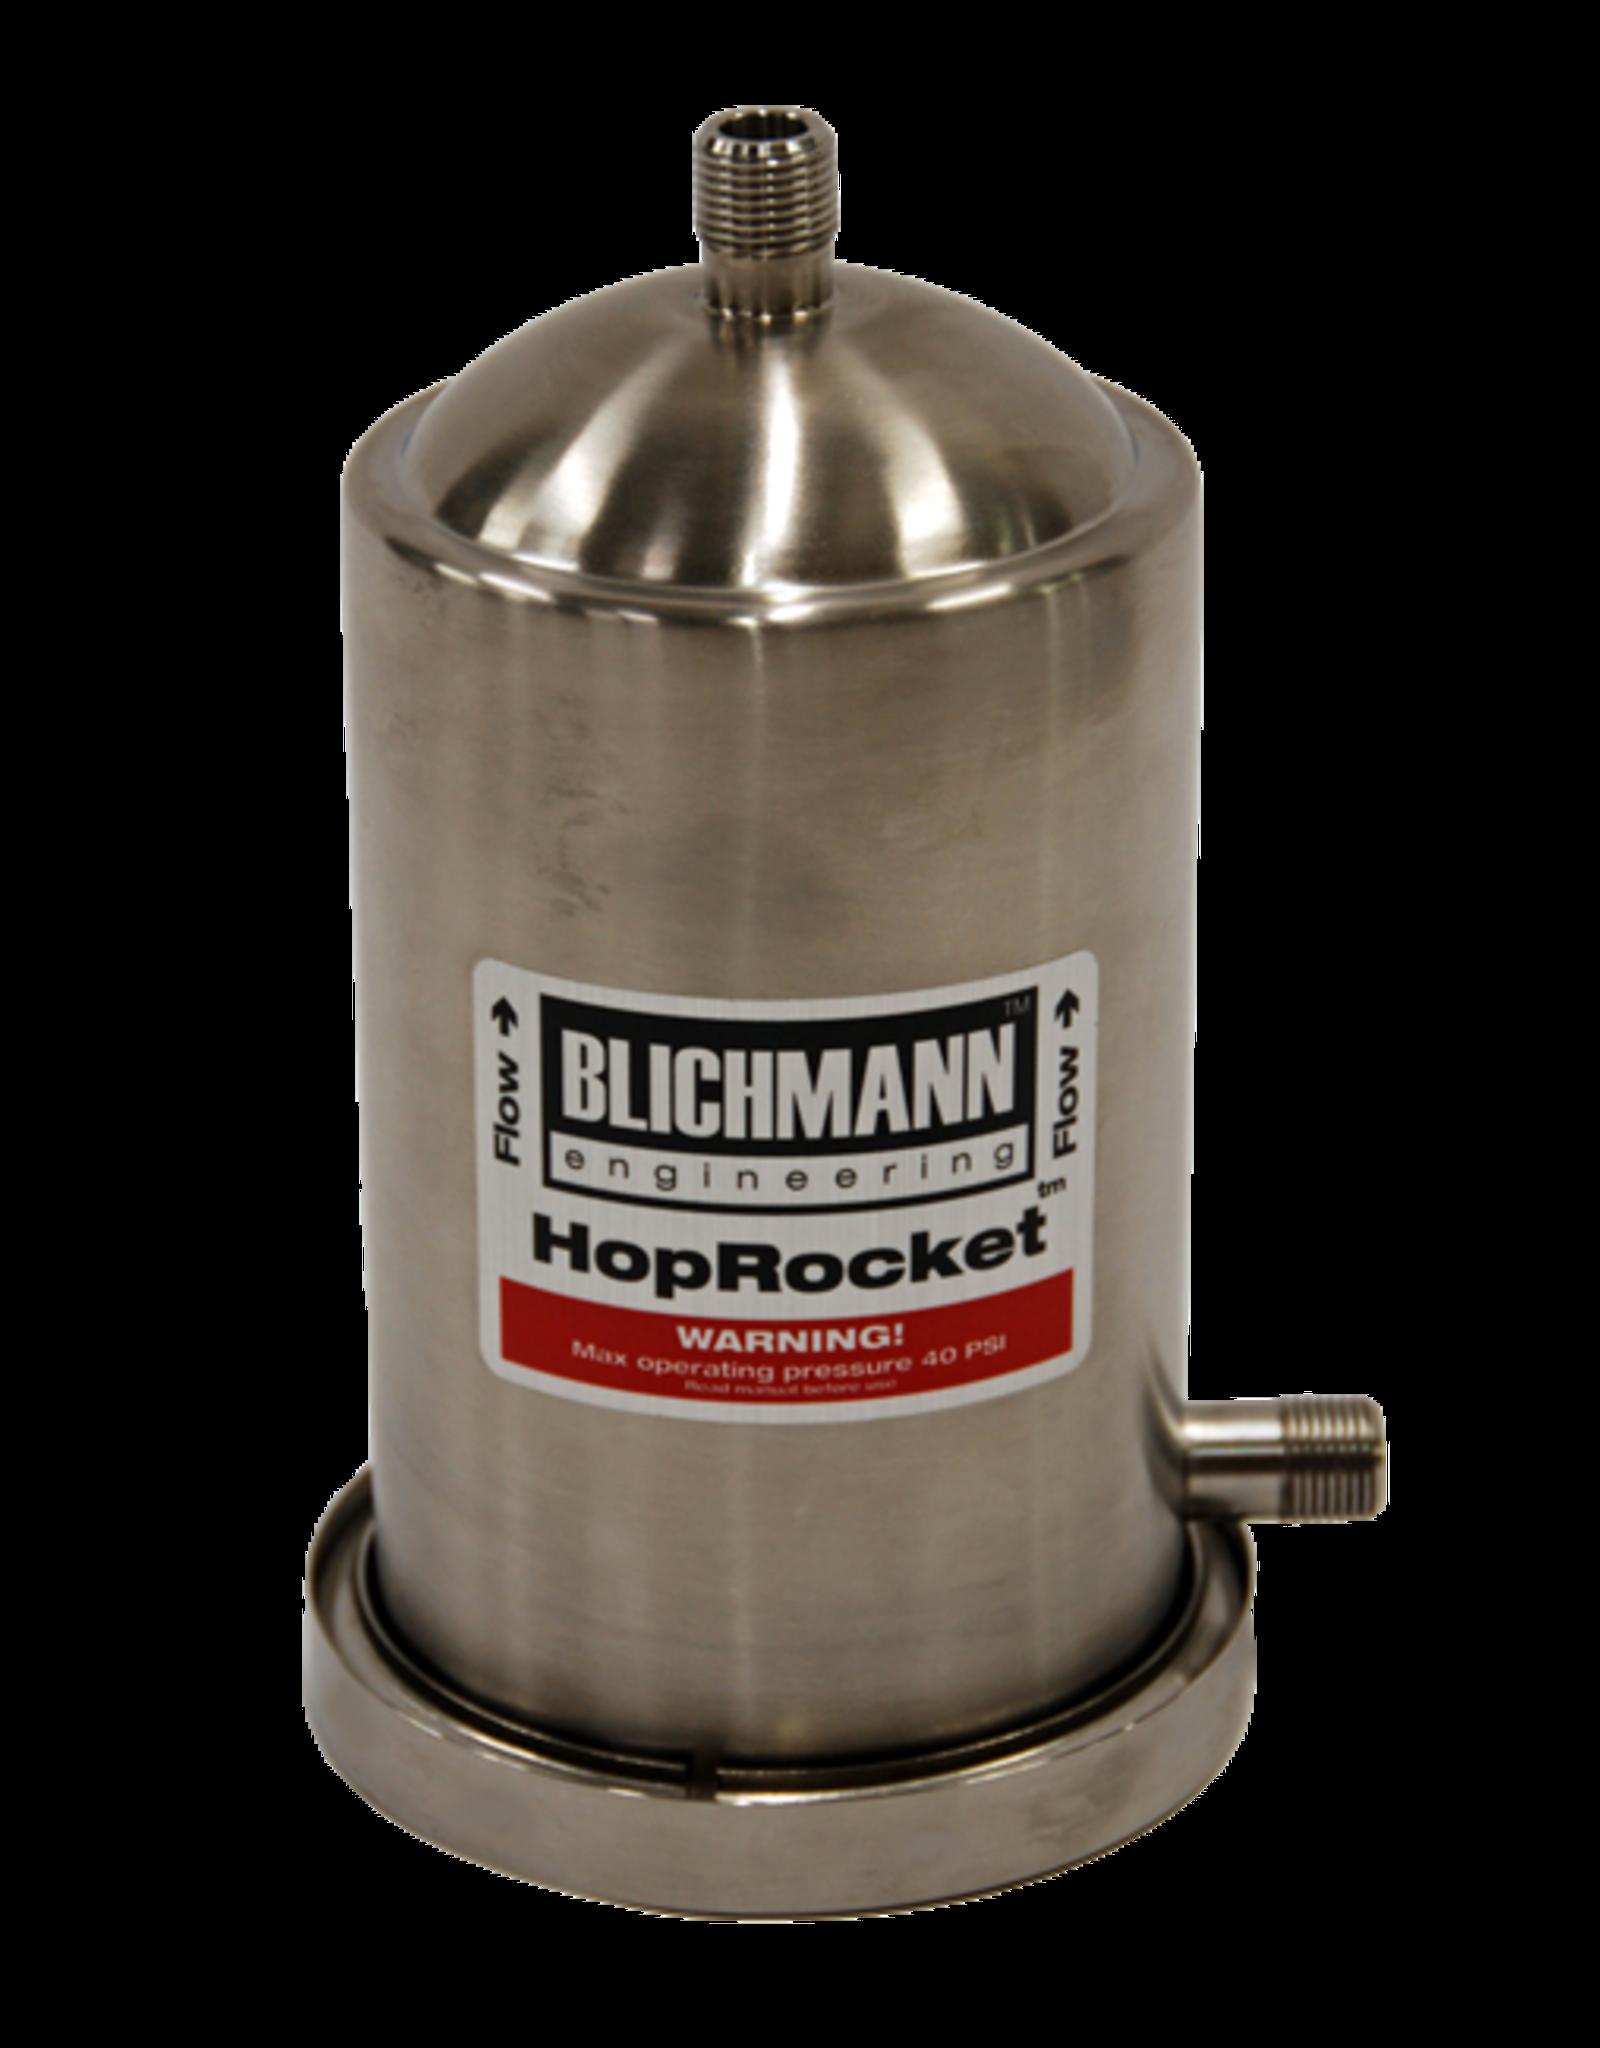 Blichmann Hop Rocket (Hop-Back)